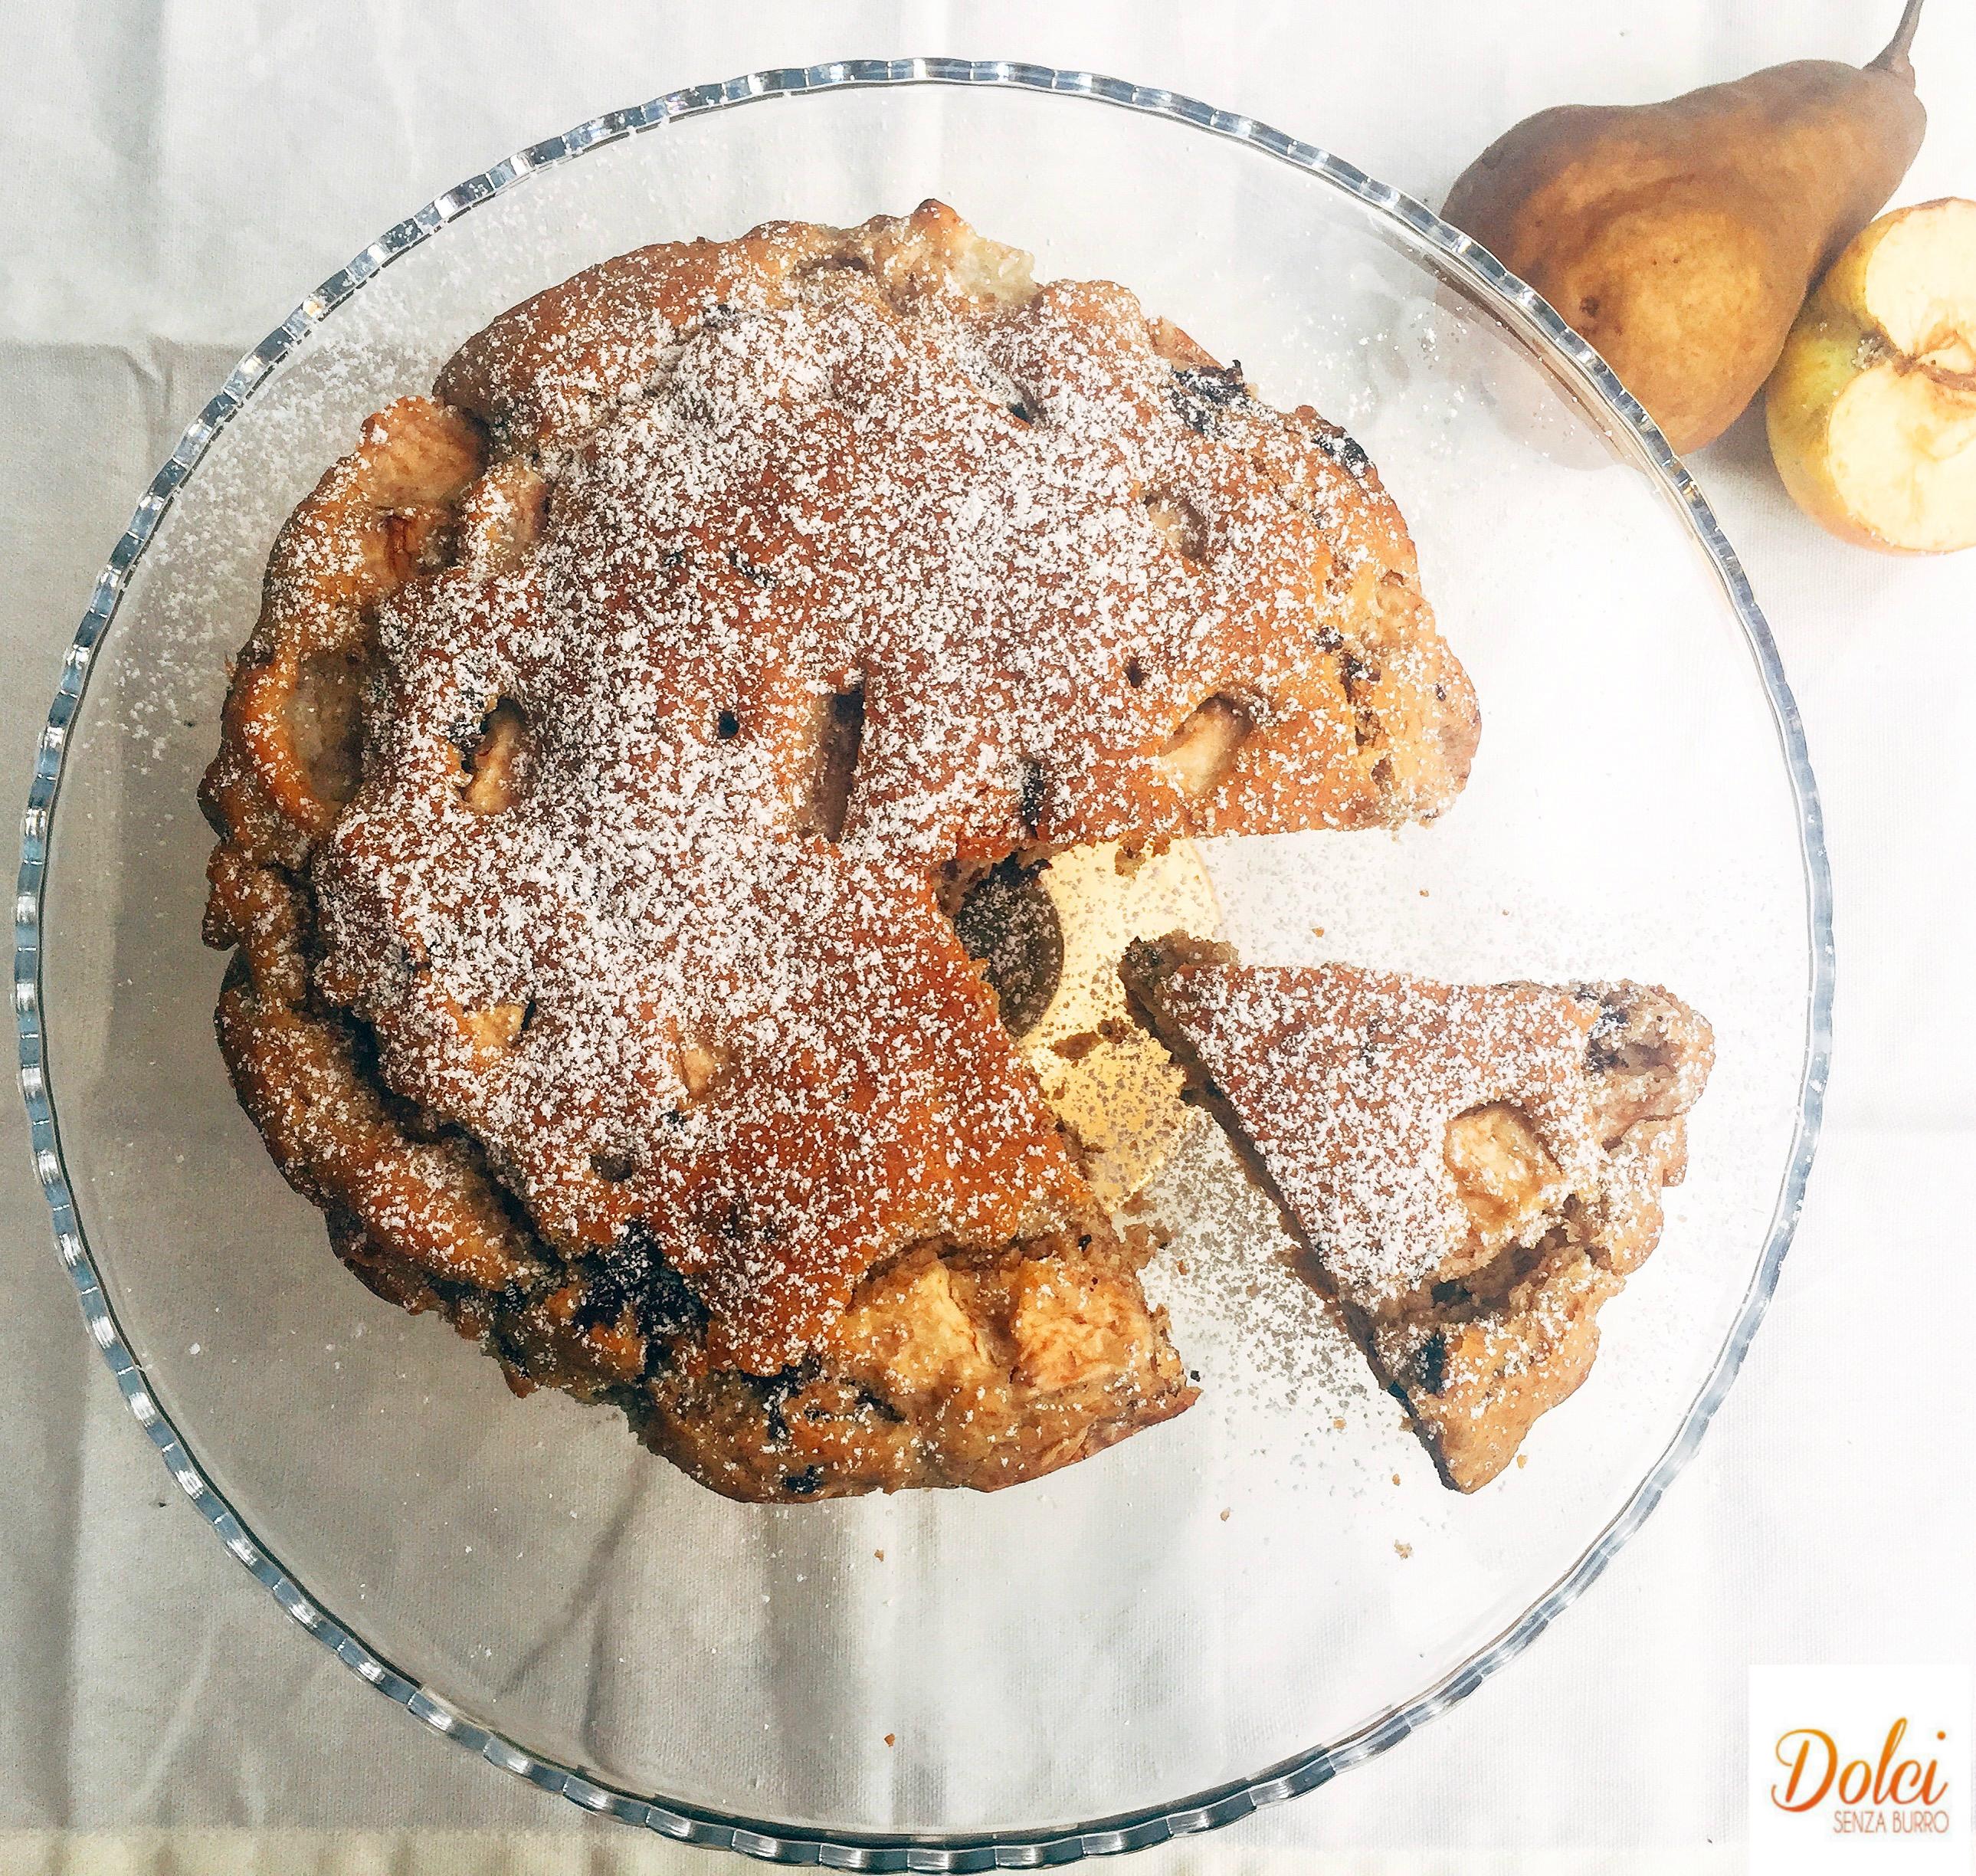 Torta Mele Pere e Cioccolato Senza Burro, un dolce goloso e sfizioso di dolci senza burro